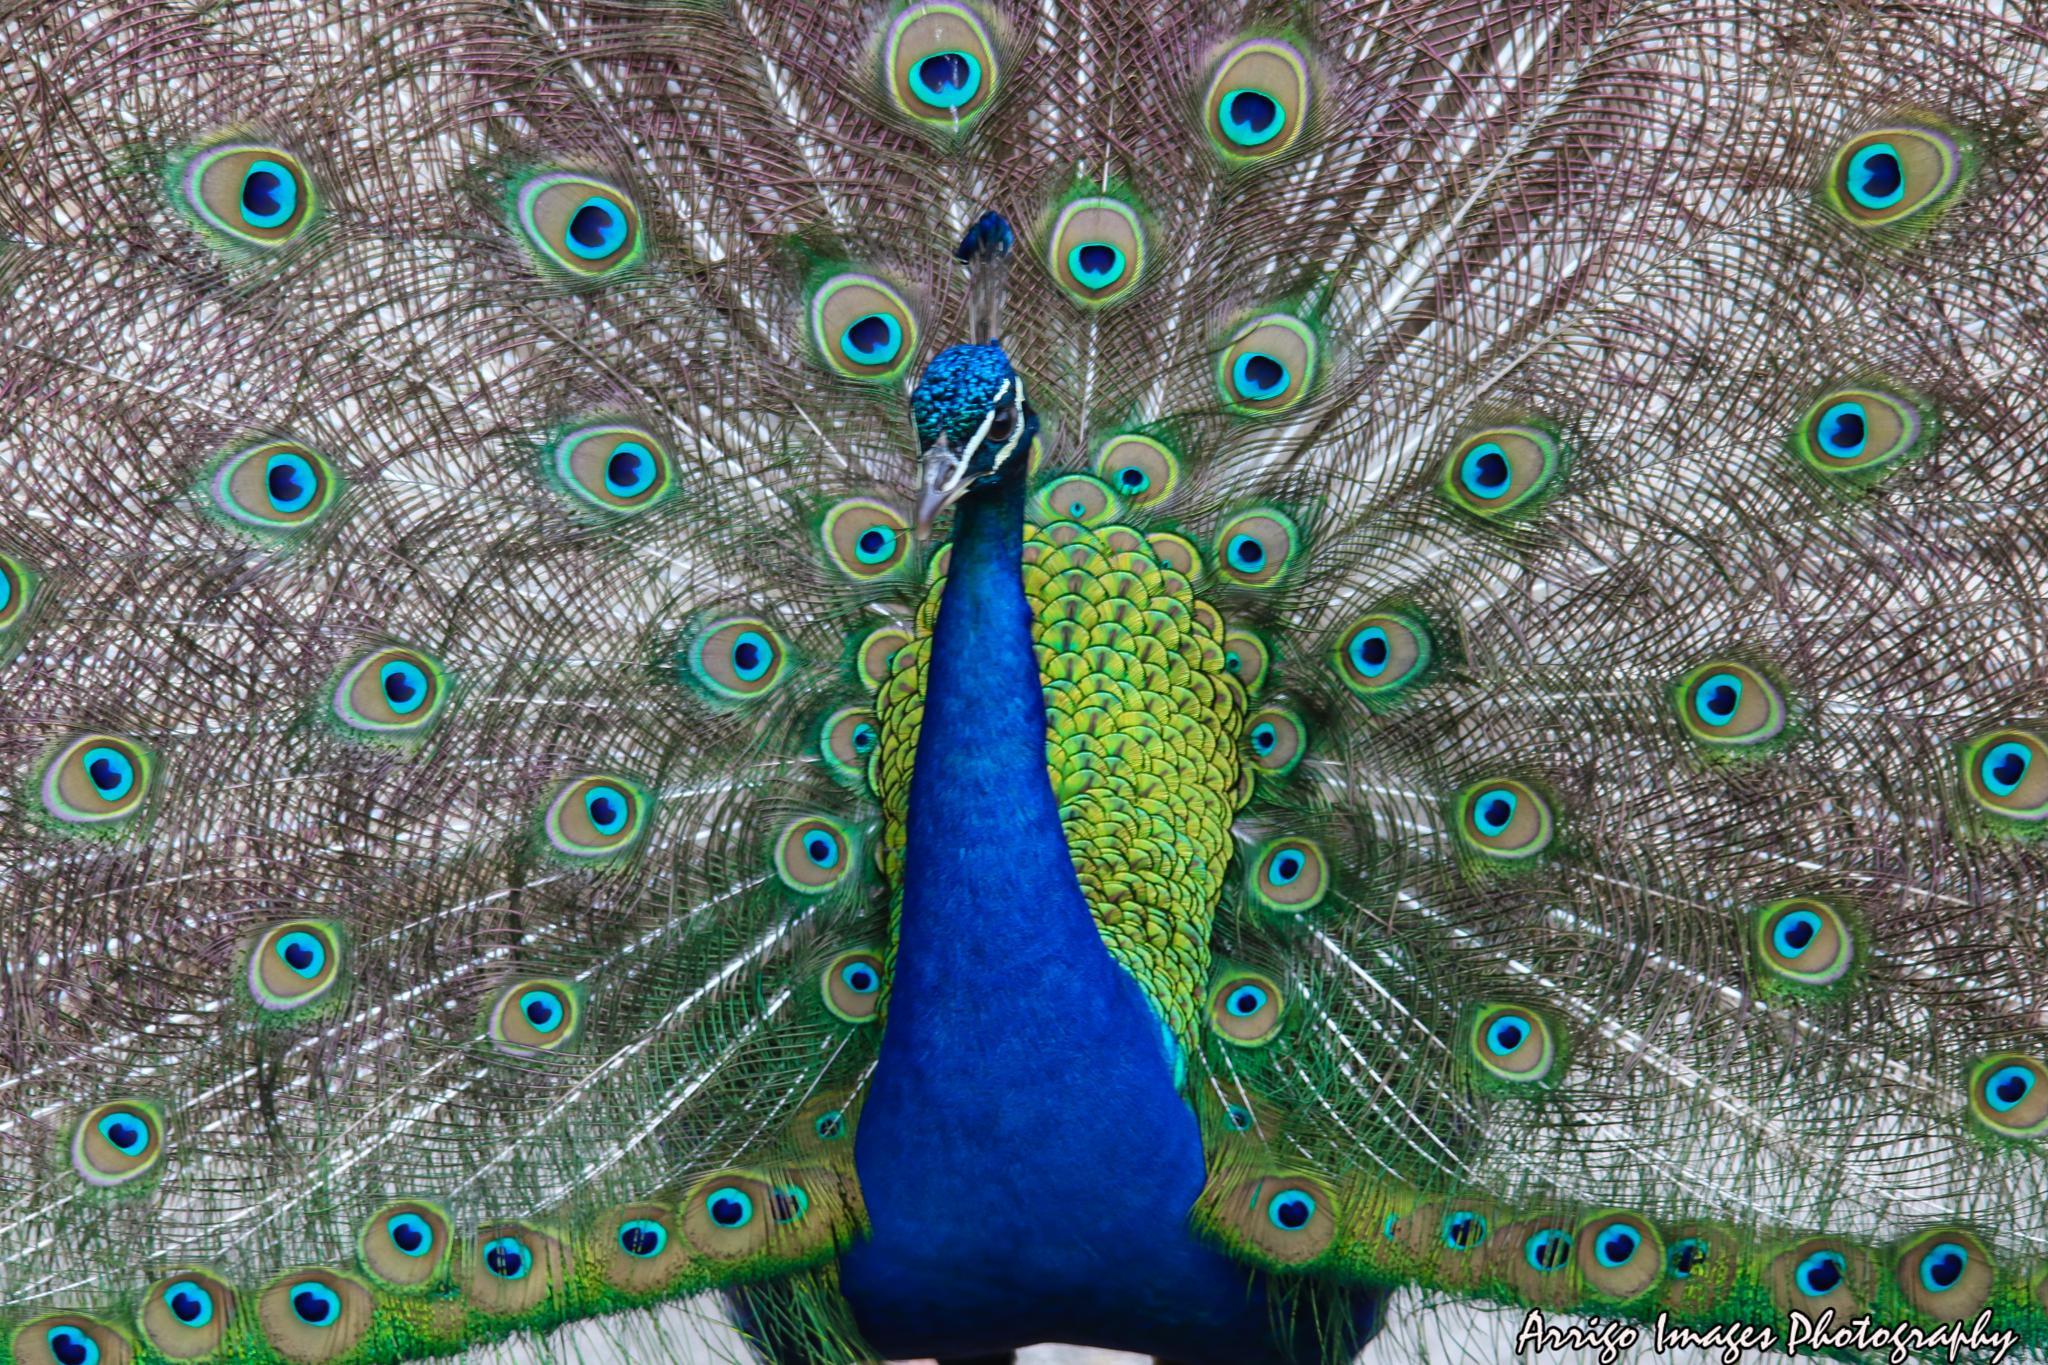 peacock by carmen.arrigo